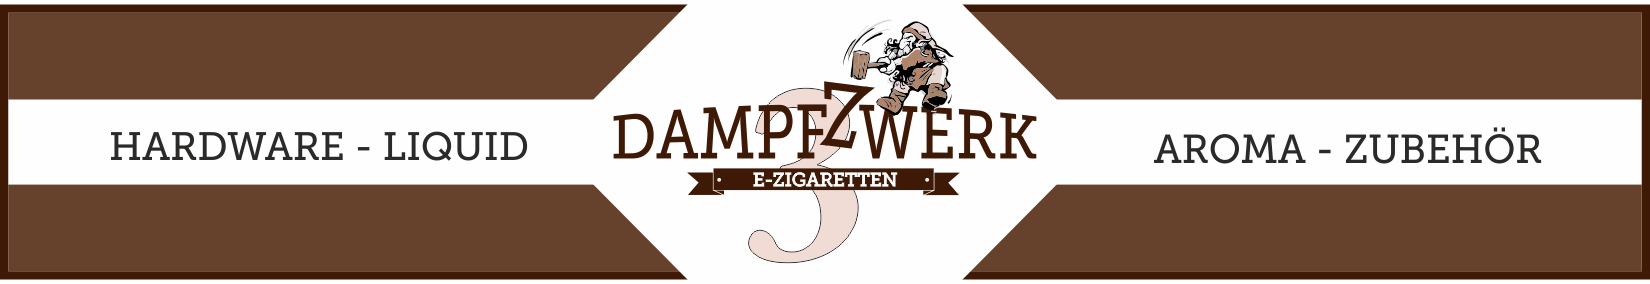 Dampfzwerk-3 | E-Zigaretten-Fachgeschäft in Detmold